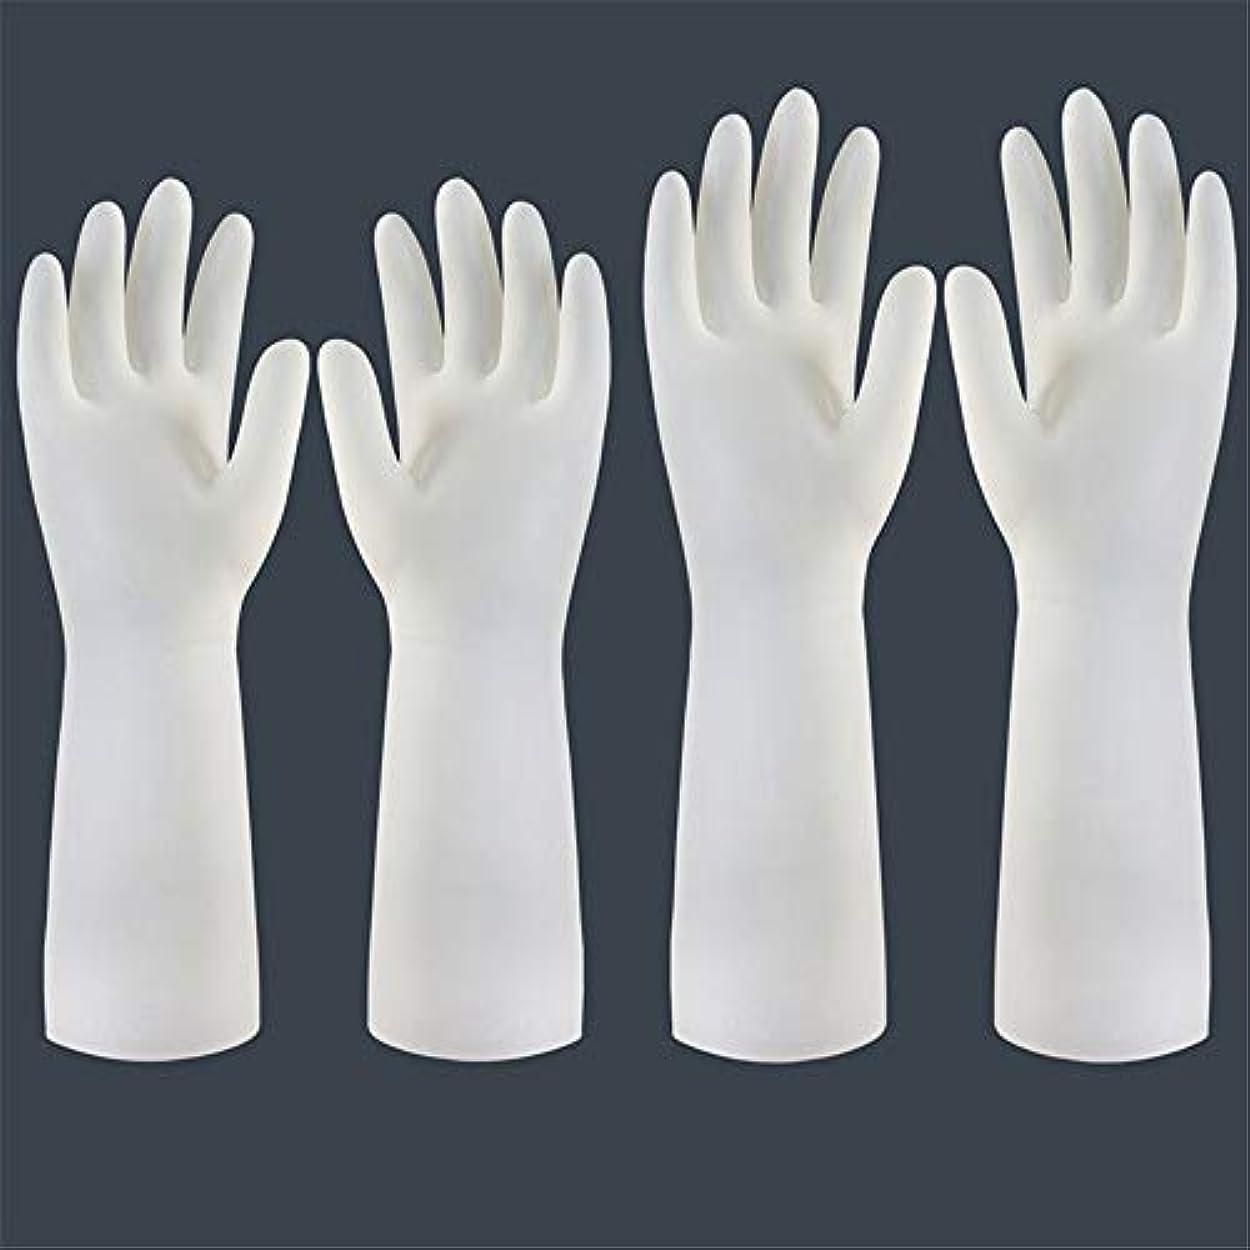 非難順応性のある拮抗ニトリルゴム手袋 使い捨て手袋の防水および耐久のゴム製台所手袋、小/中/大 使い捨て手袋 (Color : Short+long, Size : M)